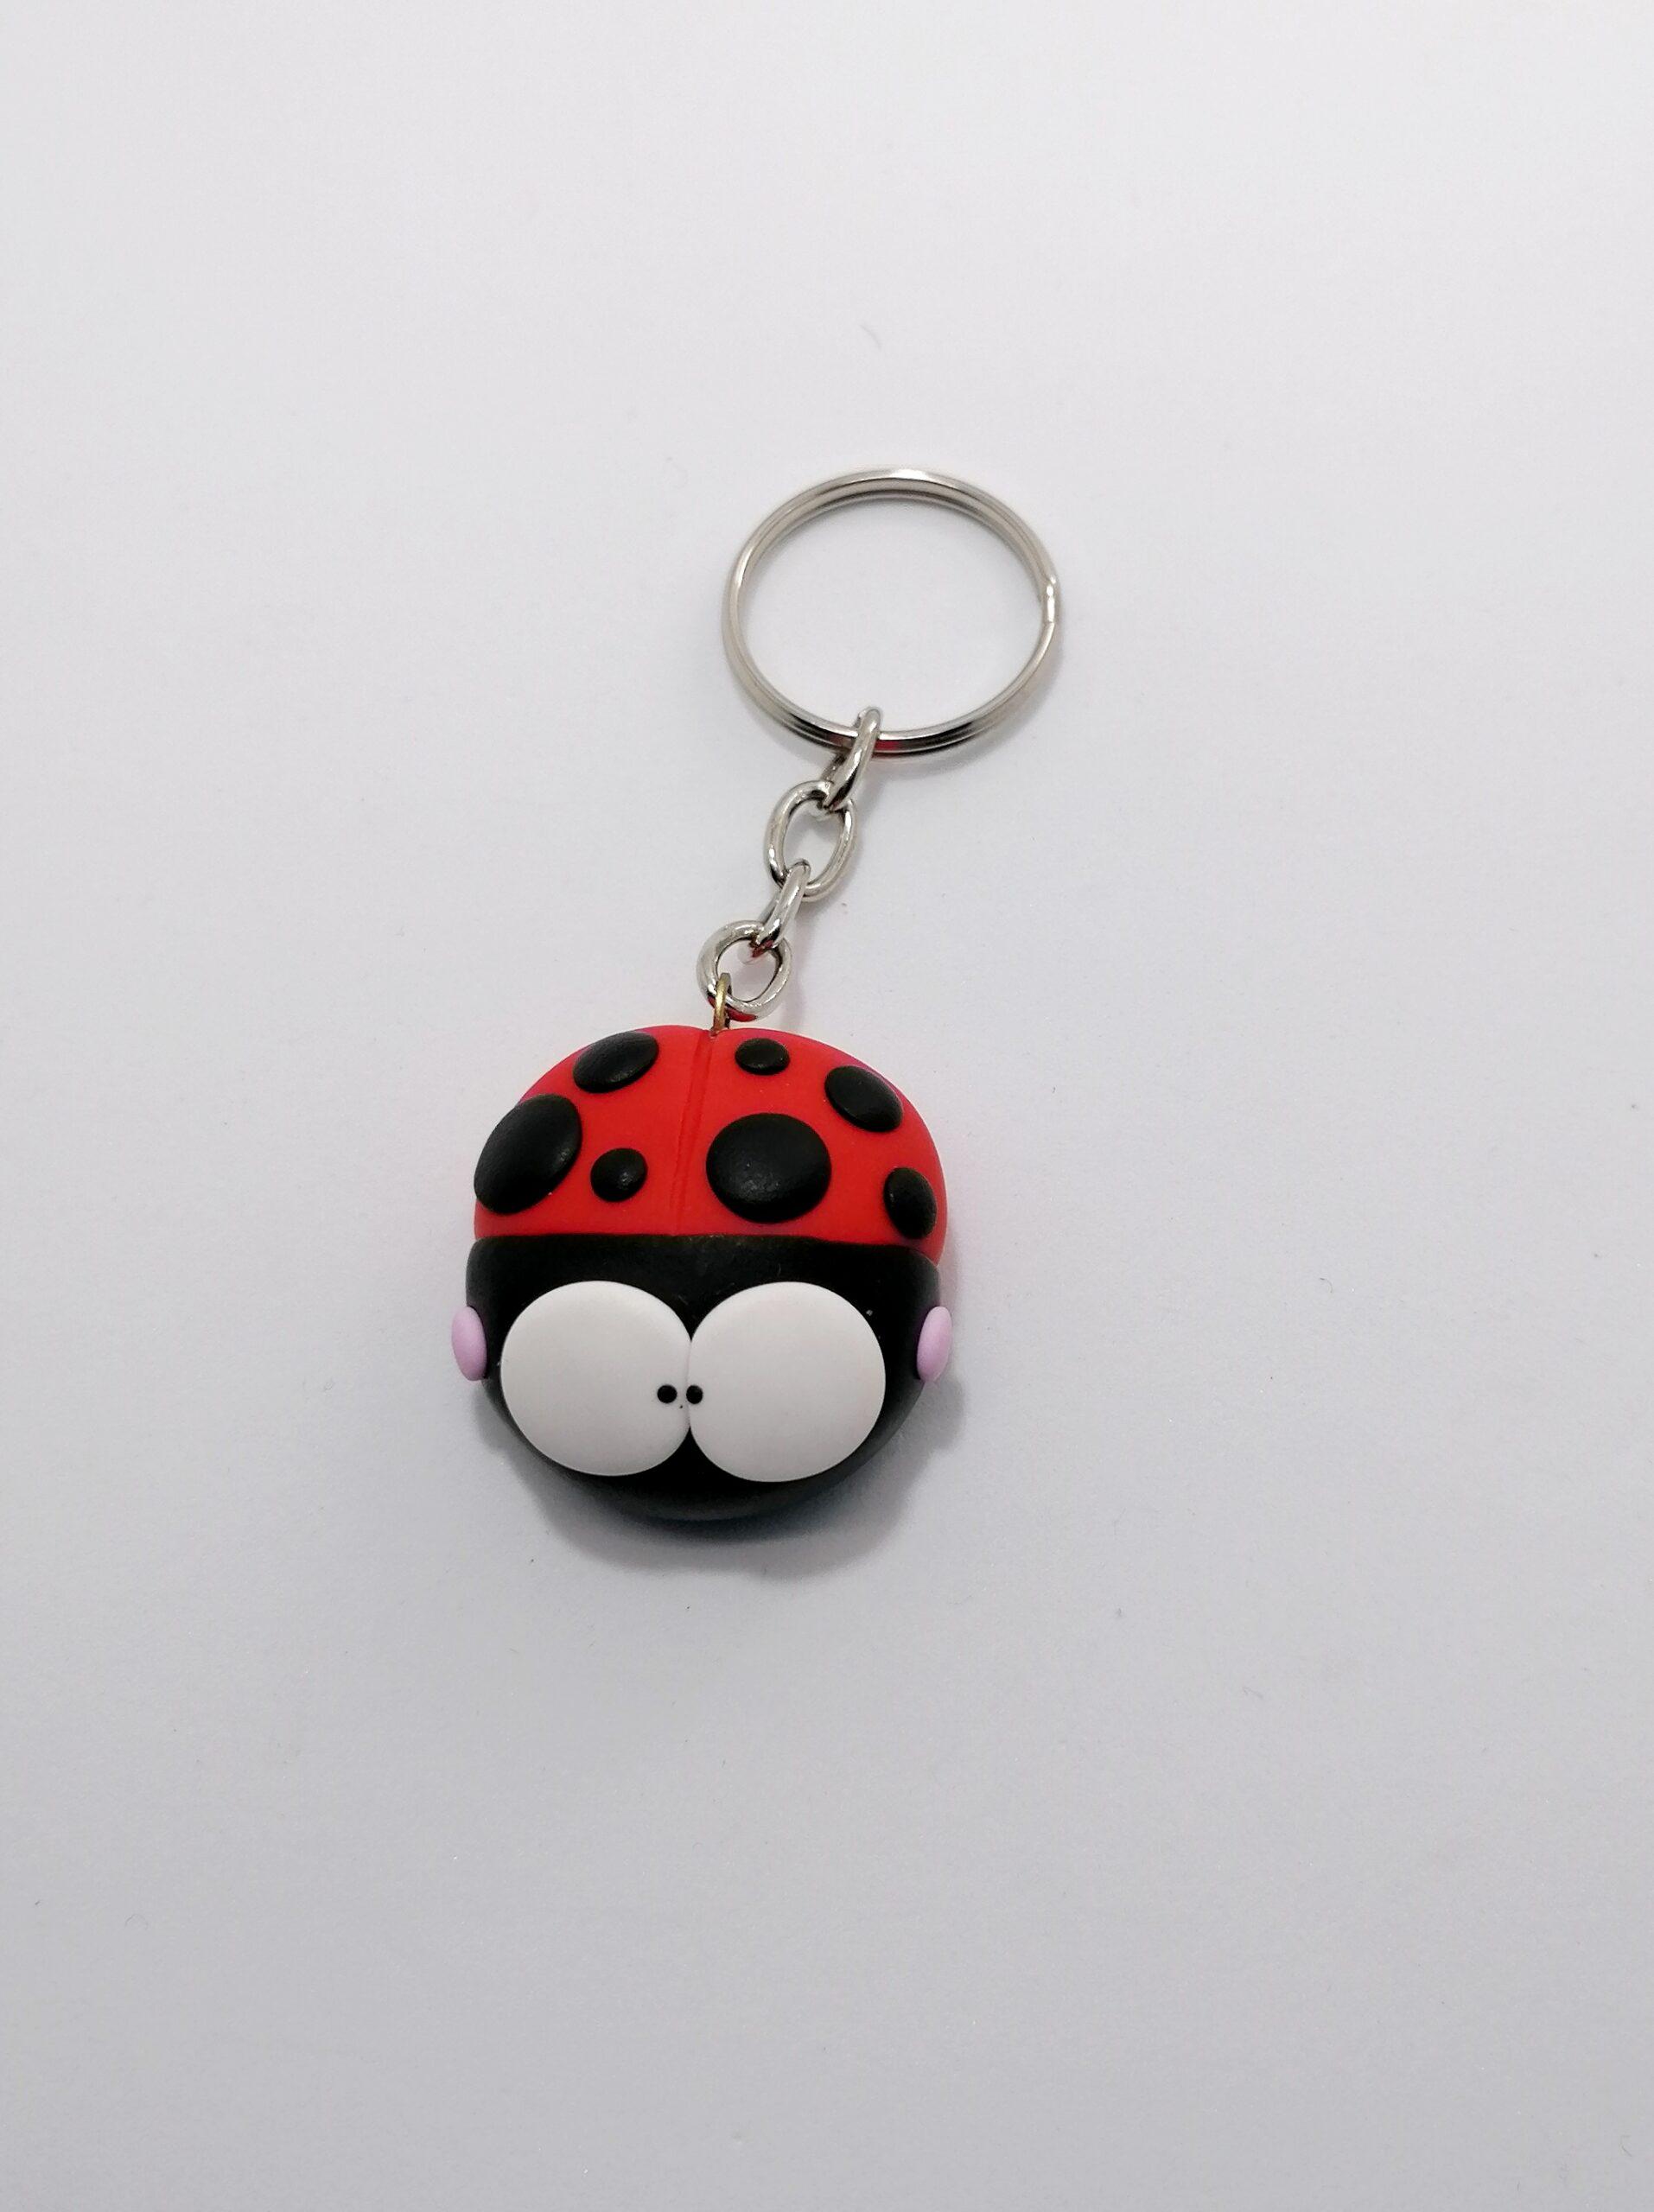 zoo portach ladybug1 scaled